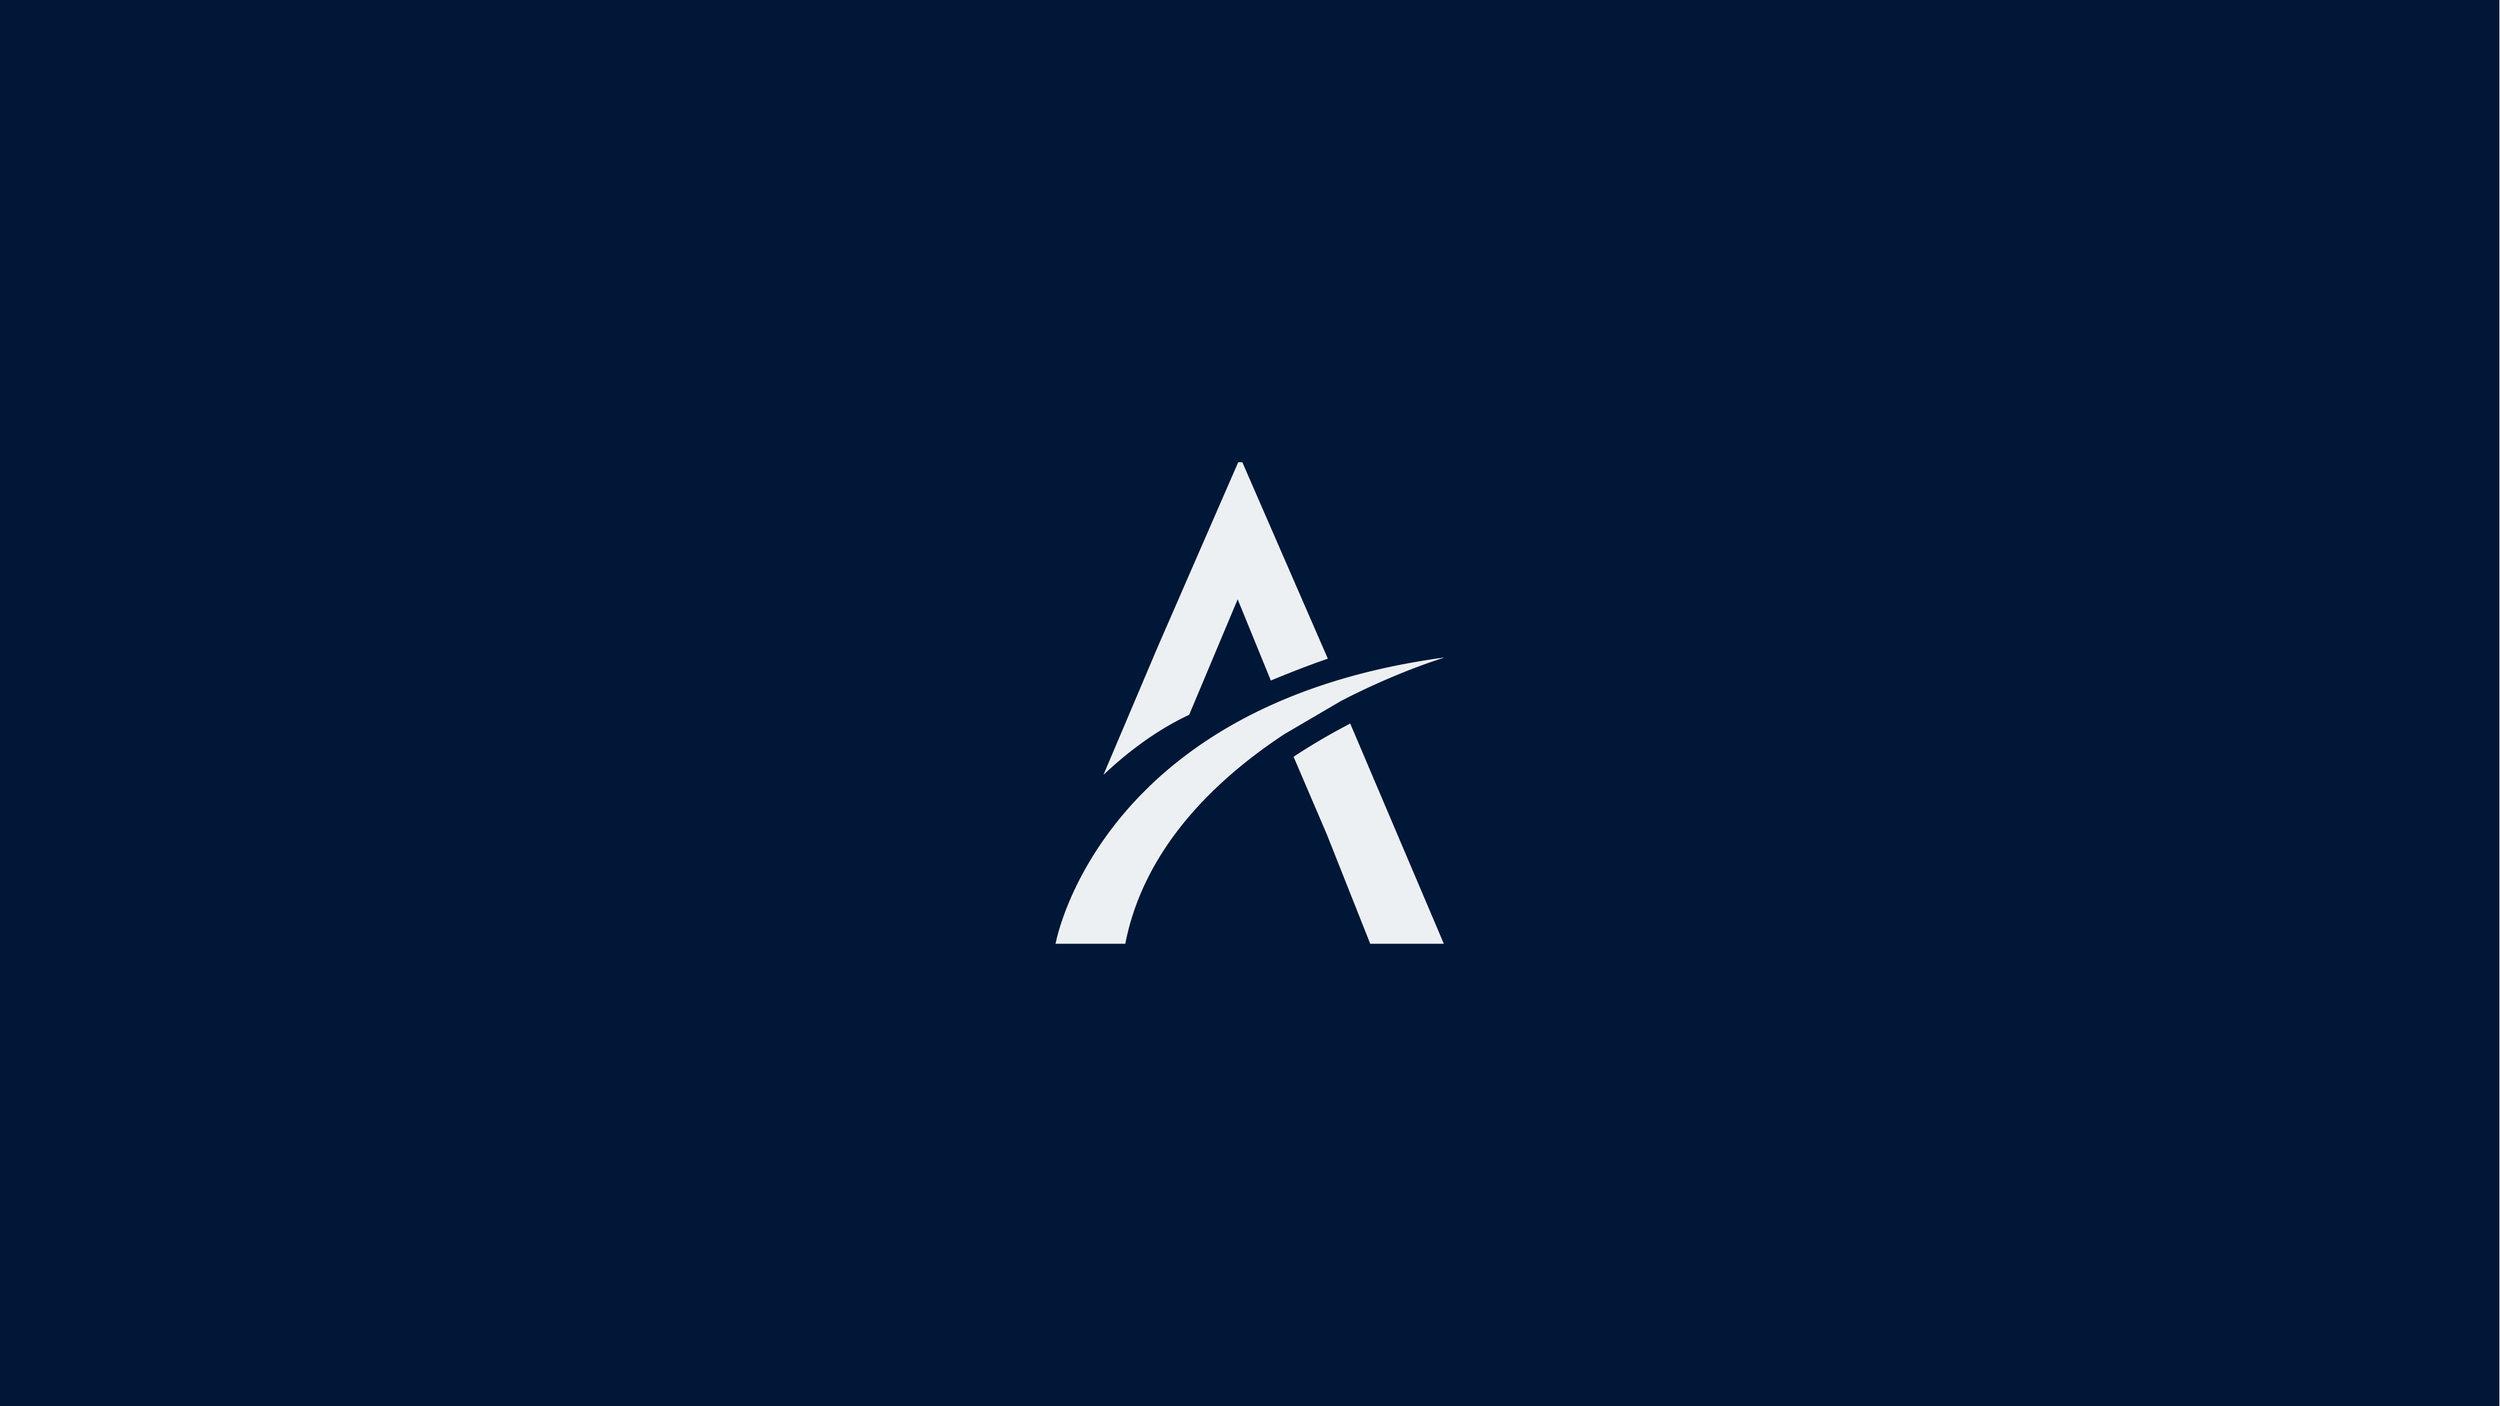 AF-monogram2.jpg